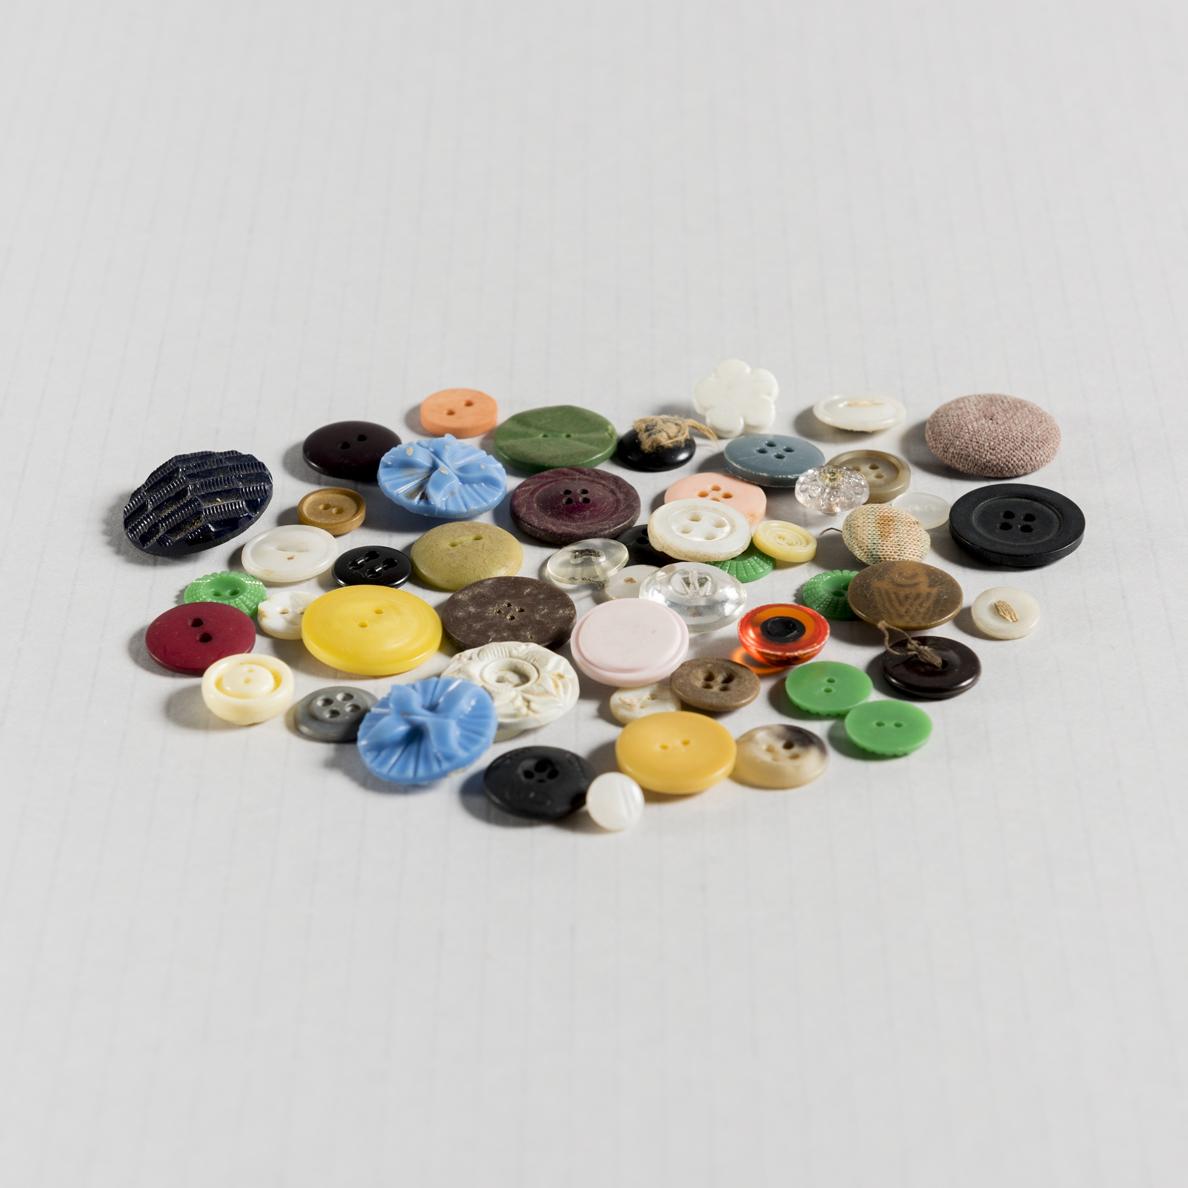 Mixed Plastics